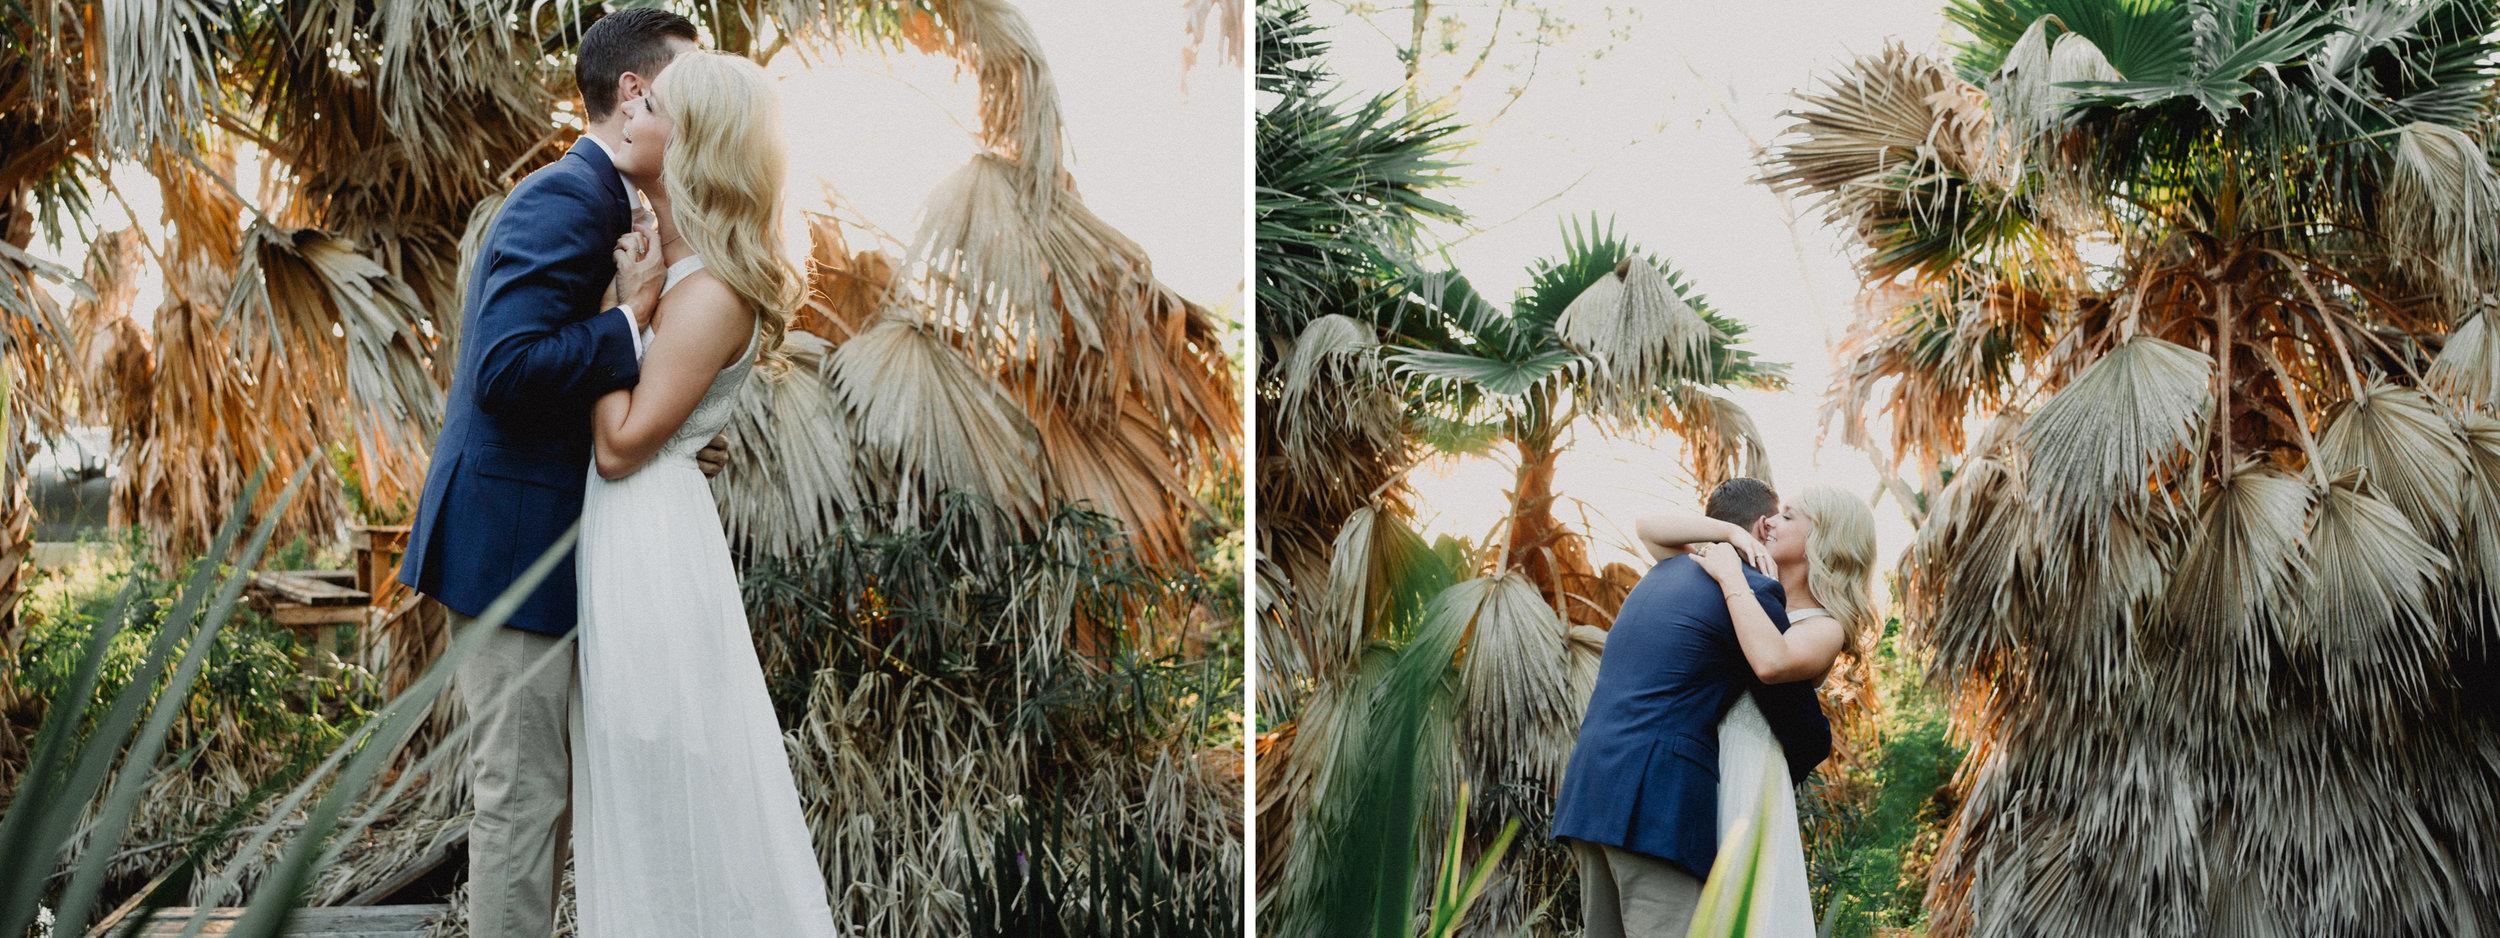 Abbey & Michael :: spring garden engagement session, whisper secrets.jpg